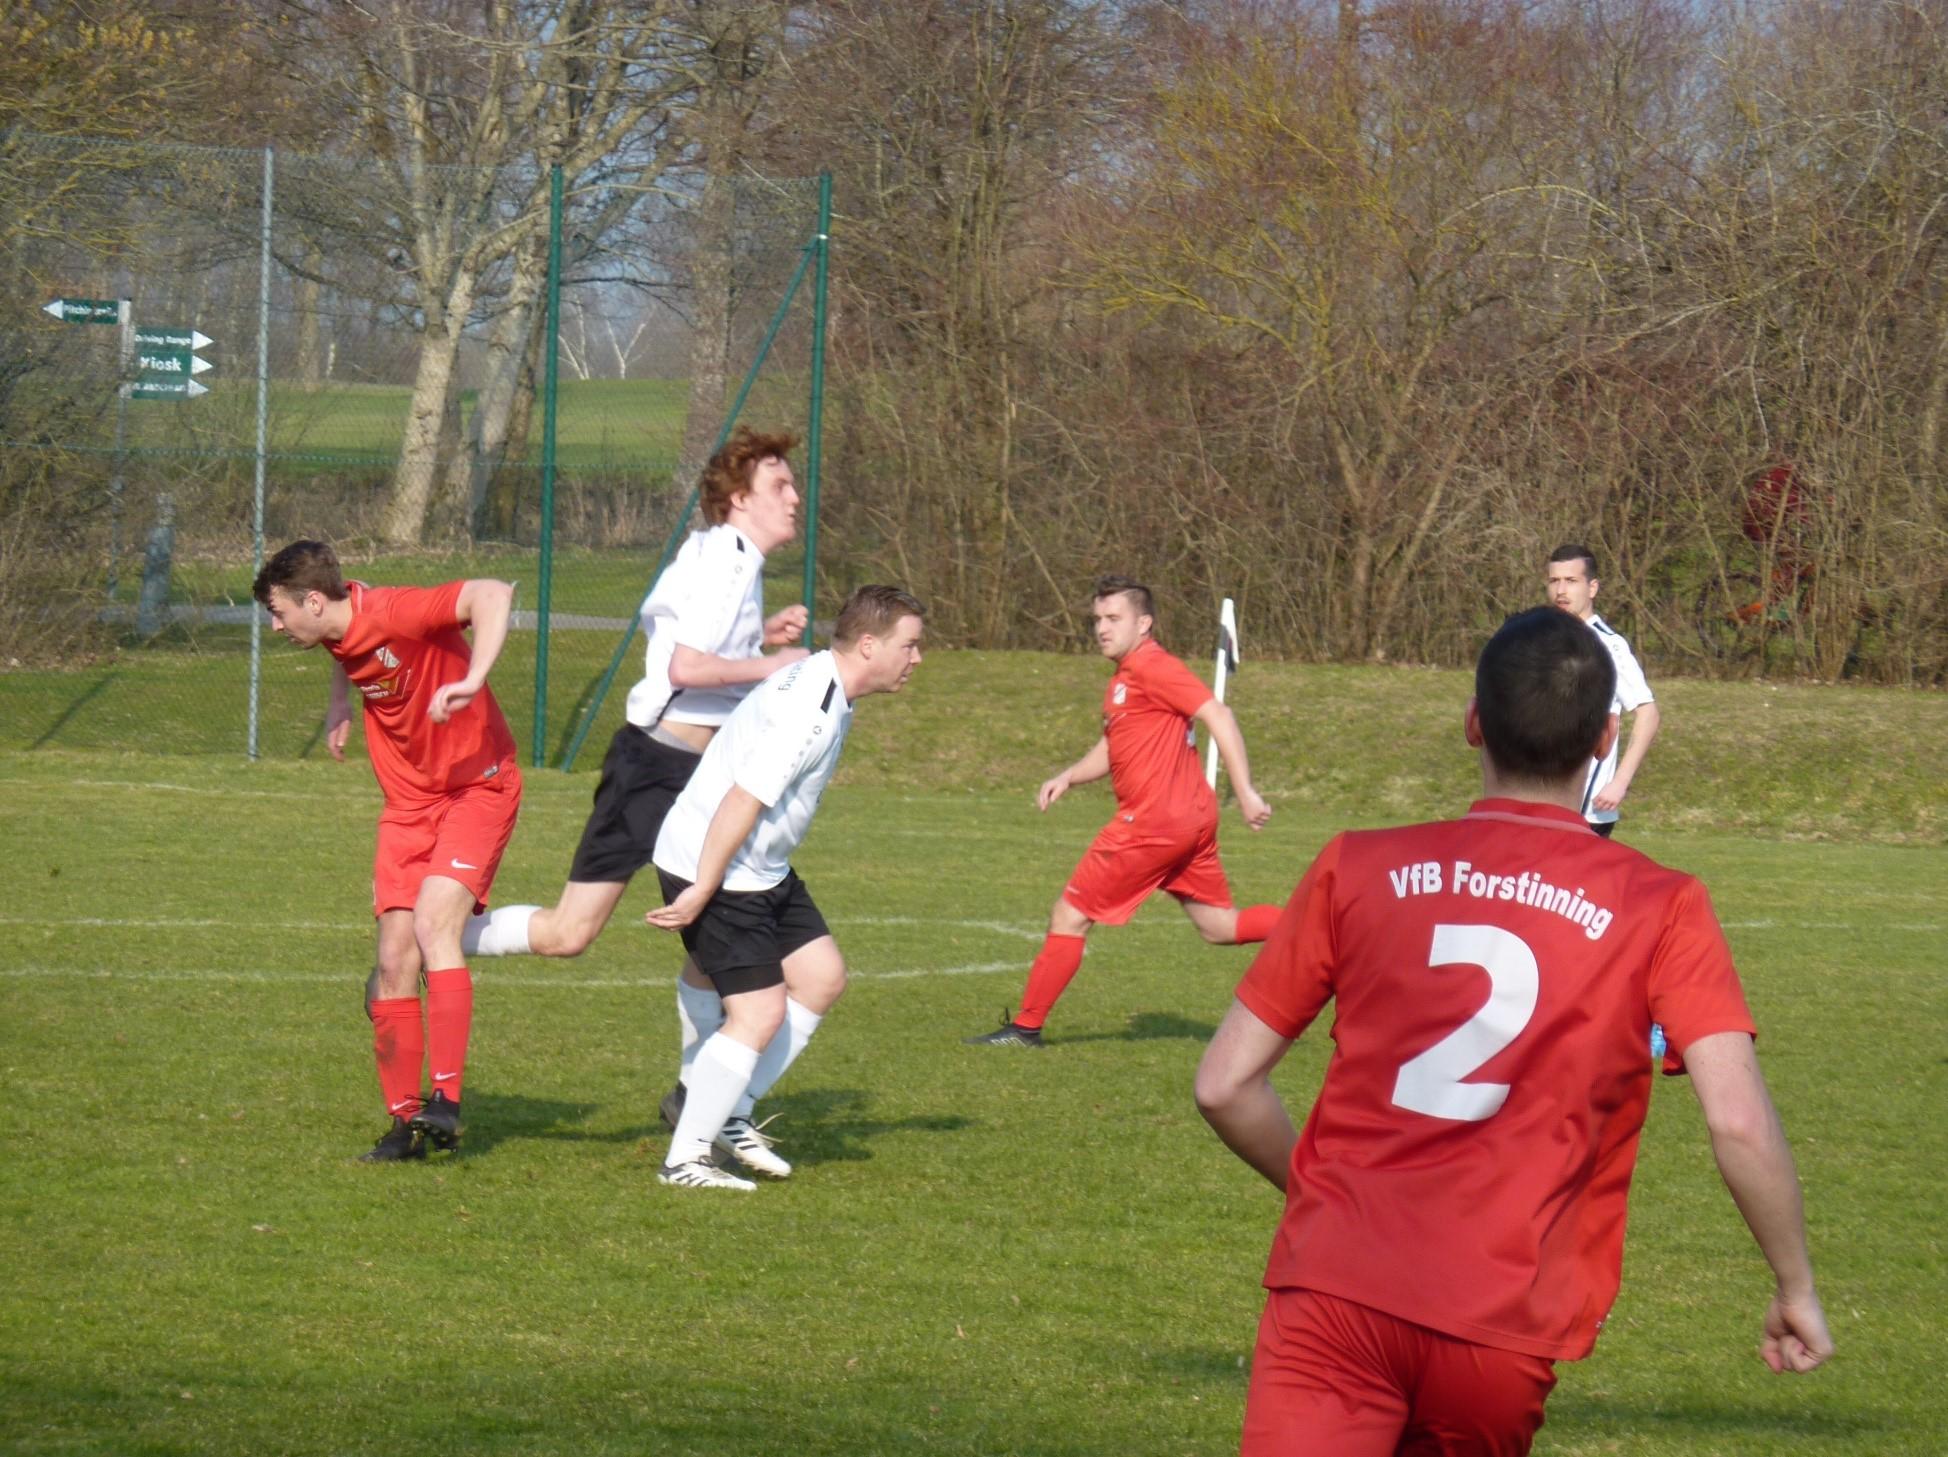 TSV Egmating – VfB Forstinning 21 : 0 (0:0)